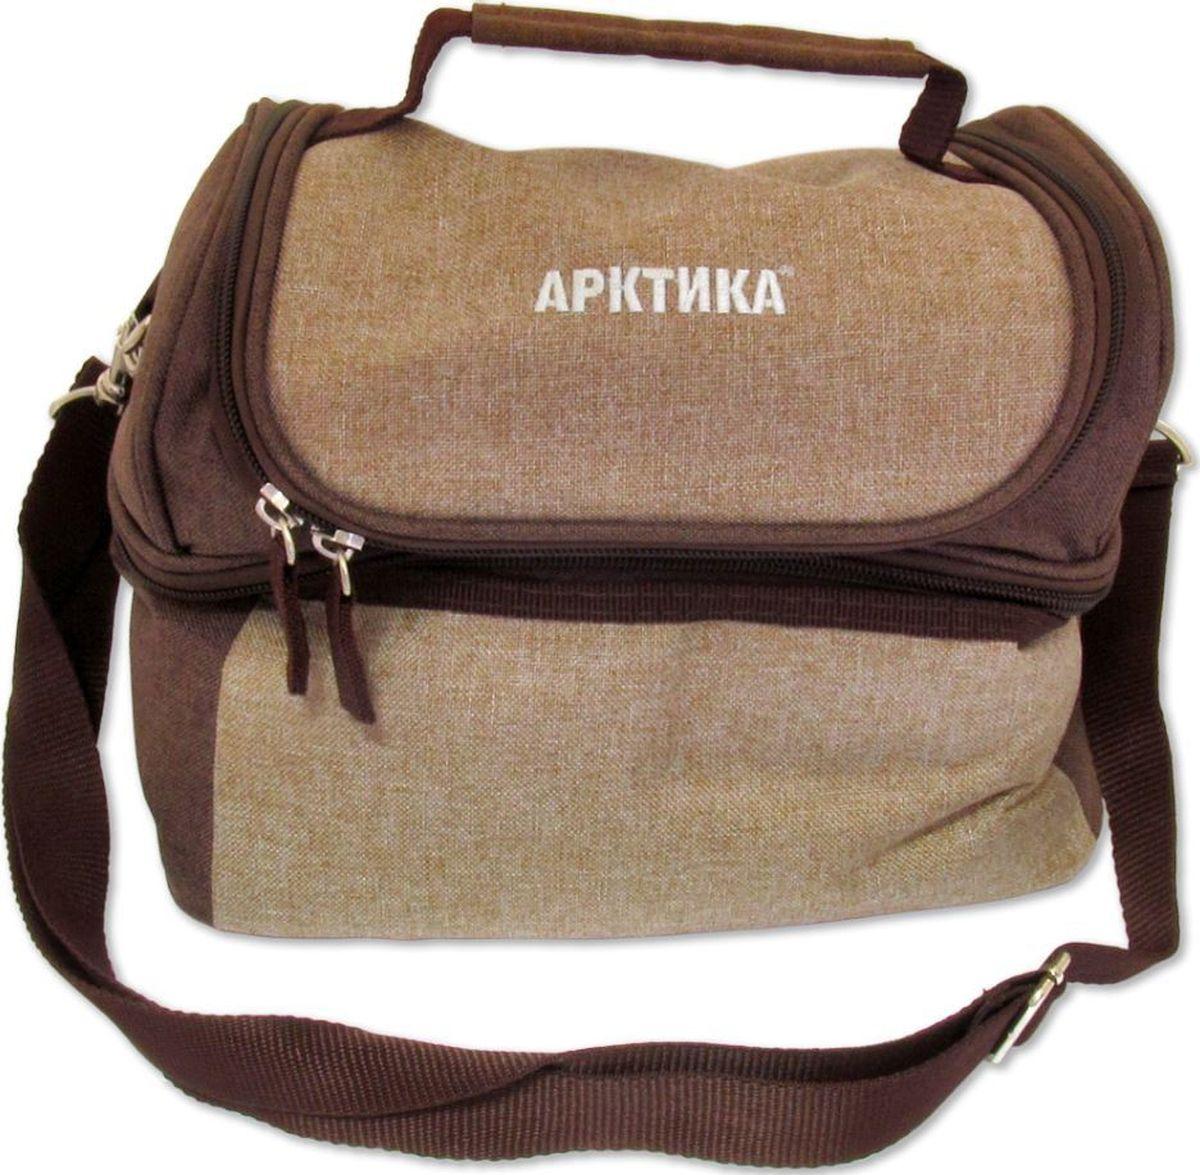 Сумка-холодильник Арктика, цвет: кофейный6.295-875.0Ланч-сумка незаменима для тех, кто следит за собственным рационом, и предпочитает всегда иметь при себе дневной запас провианта, а также все необходимые приборы. Решение от компании «Арктика» является воплощением стиля, эргономичности и практичности. Верх сумки выполнен из качественного полиэстера, а внутренняя отделка — с помощью специального изотермического материала. Изделие позволяет сохранять первоначальную температуру пищи в течение длительного времени, а также имеет удобные крепления для хранения приборов